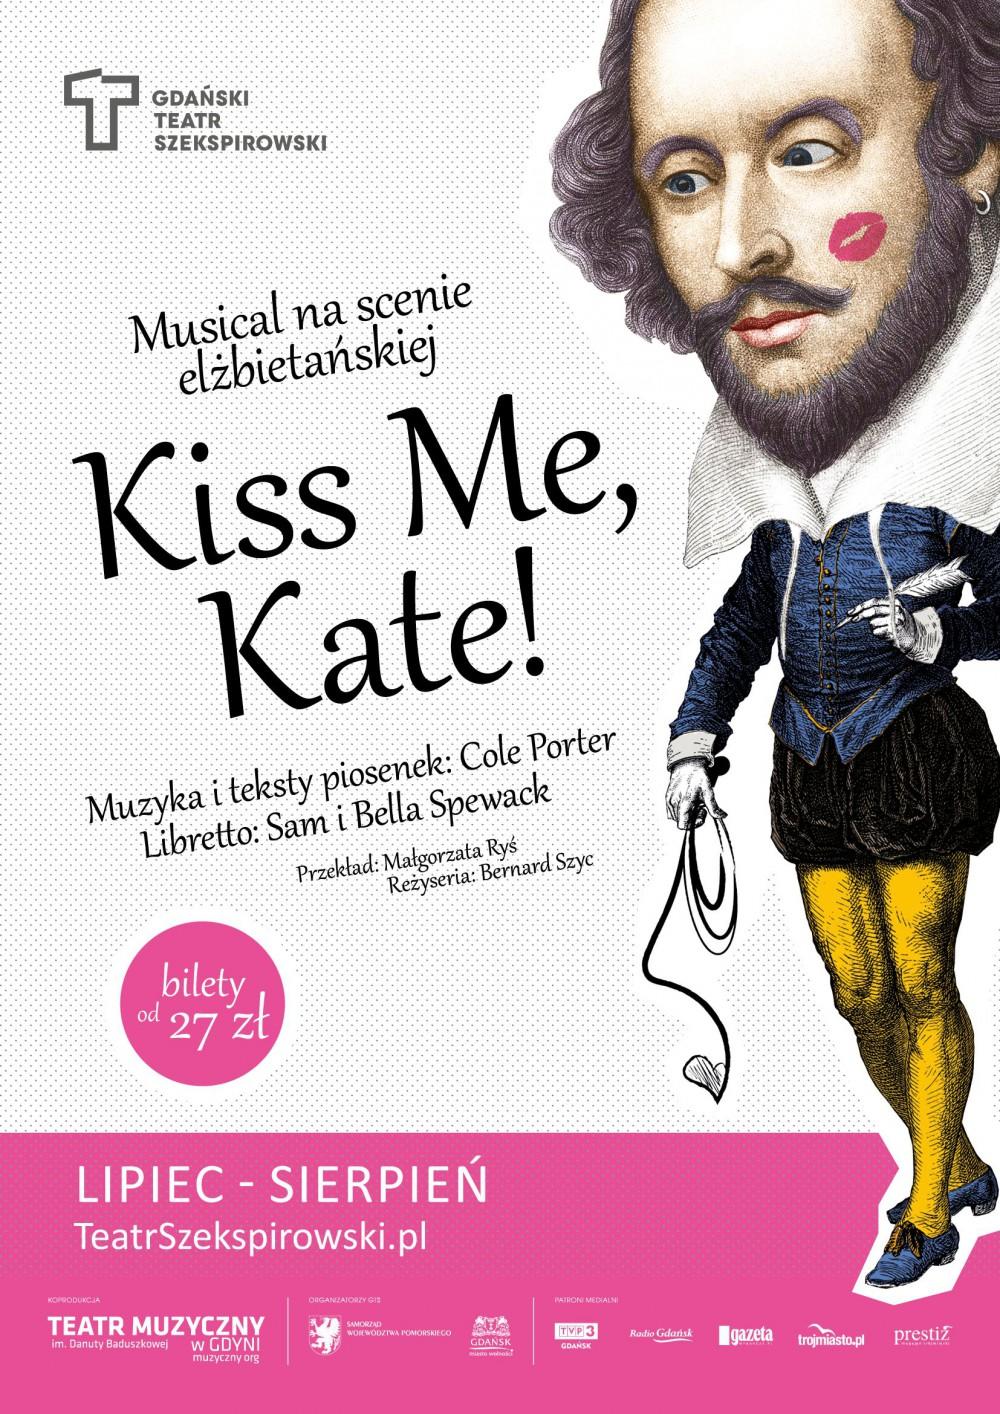 Kiss me, Kate!